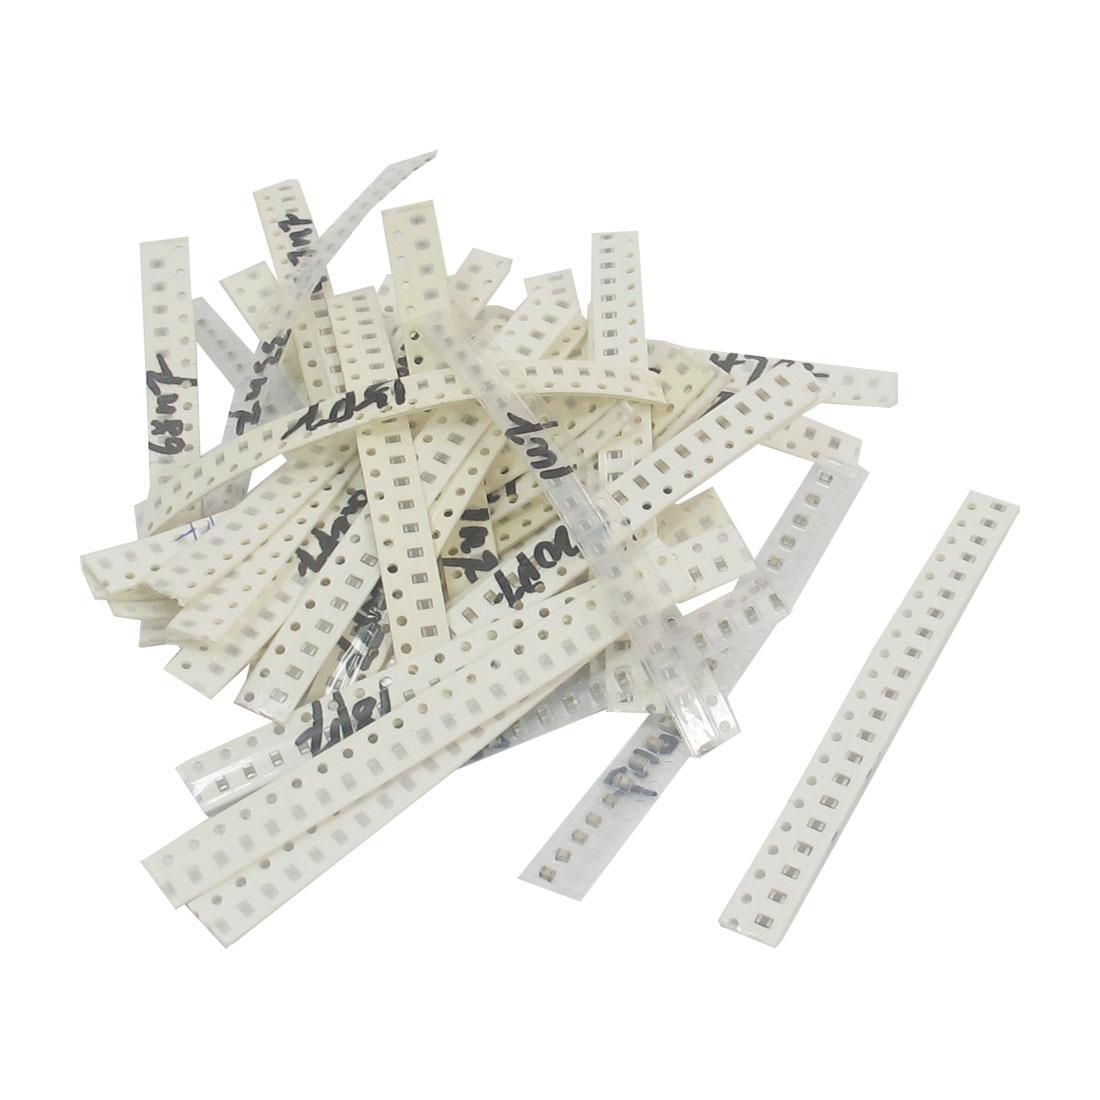 700pcs 35 Value Assortment Kits SMT SMD 1pF-10uF Capacitor 0805 50V